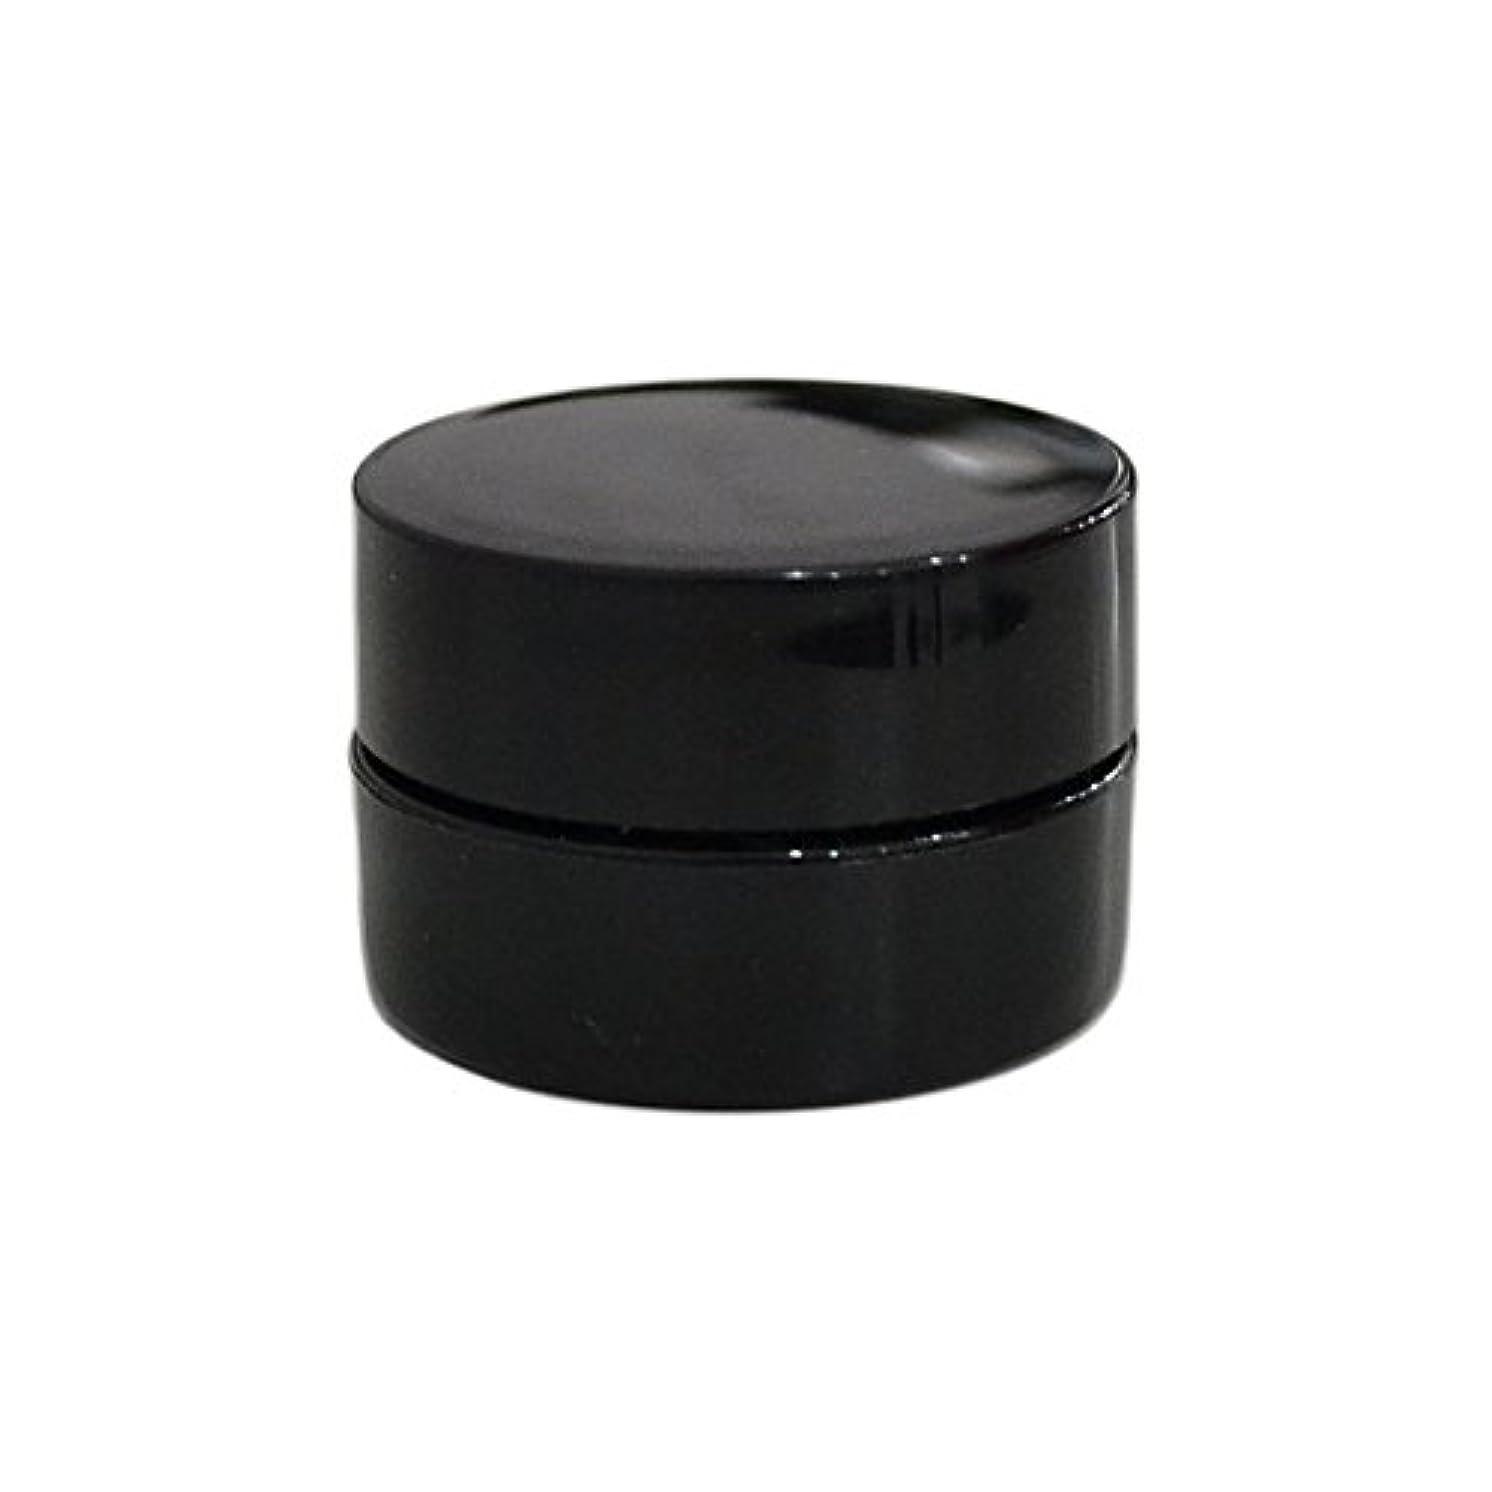 デッドロックフェリー仕出します純国産ネイルジェルコンテナ 3g用 GA3g 漏れ防止パッキン&ブラシプレート付容器 ジェルを無駄なく使える底面傾斜あり 遮光 黒 ブラック